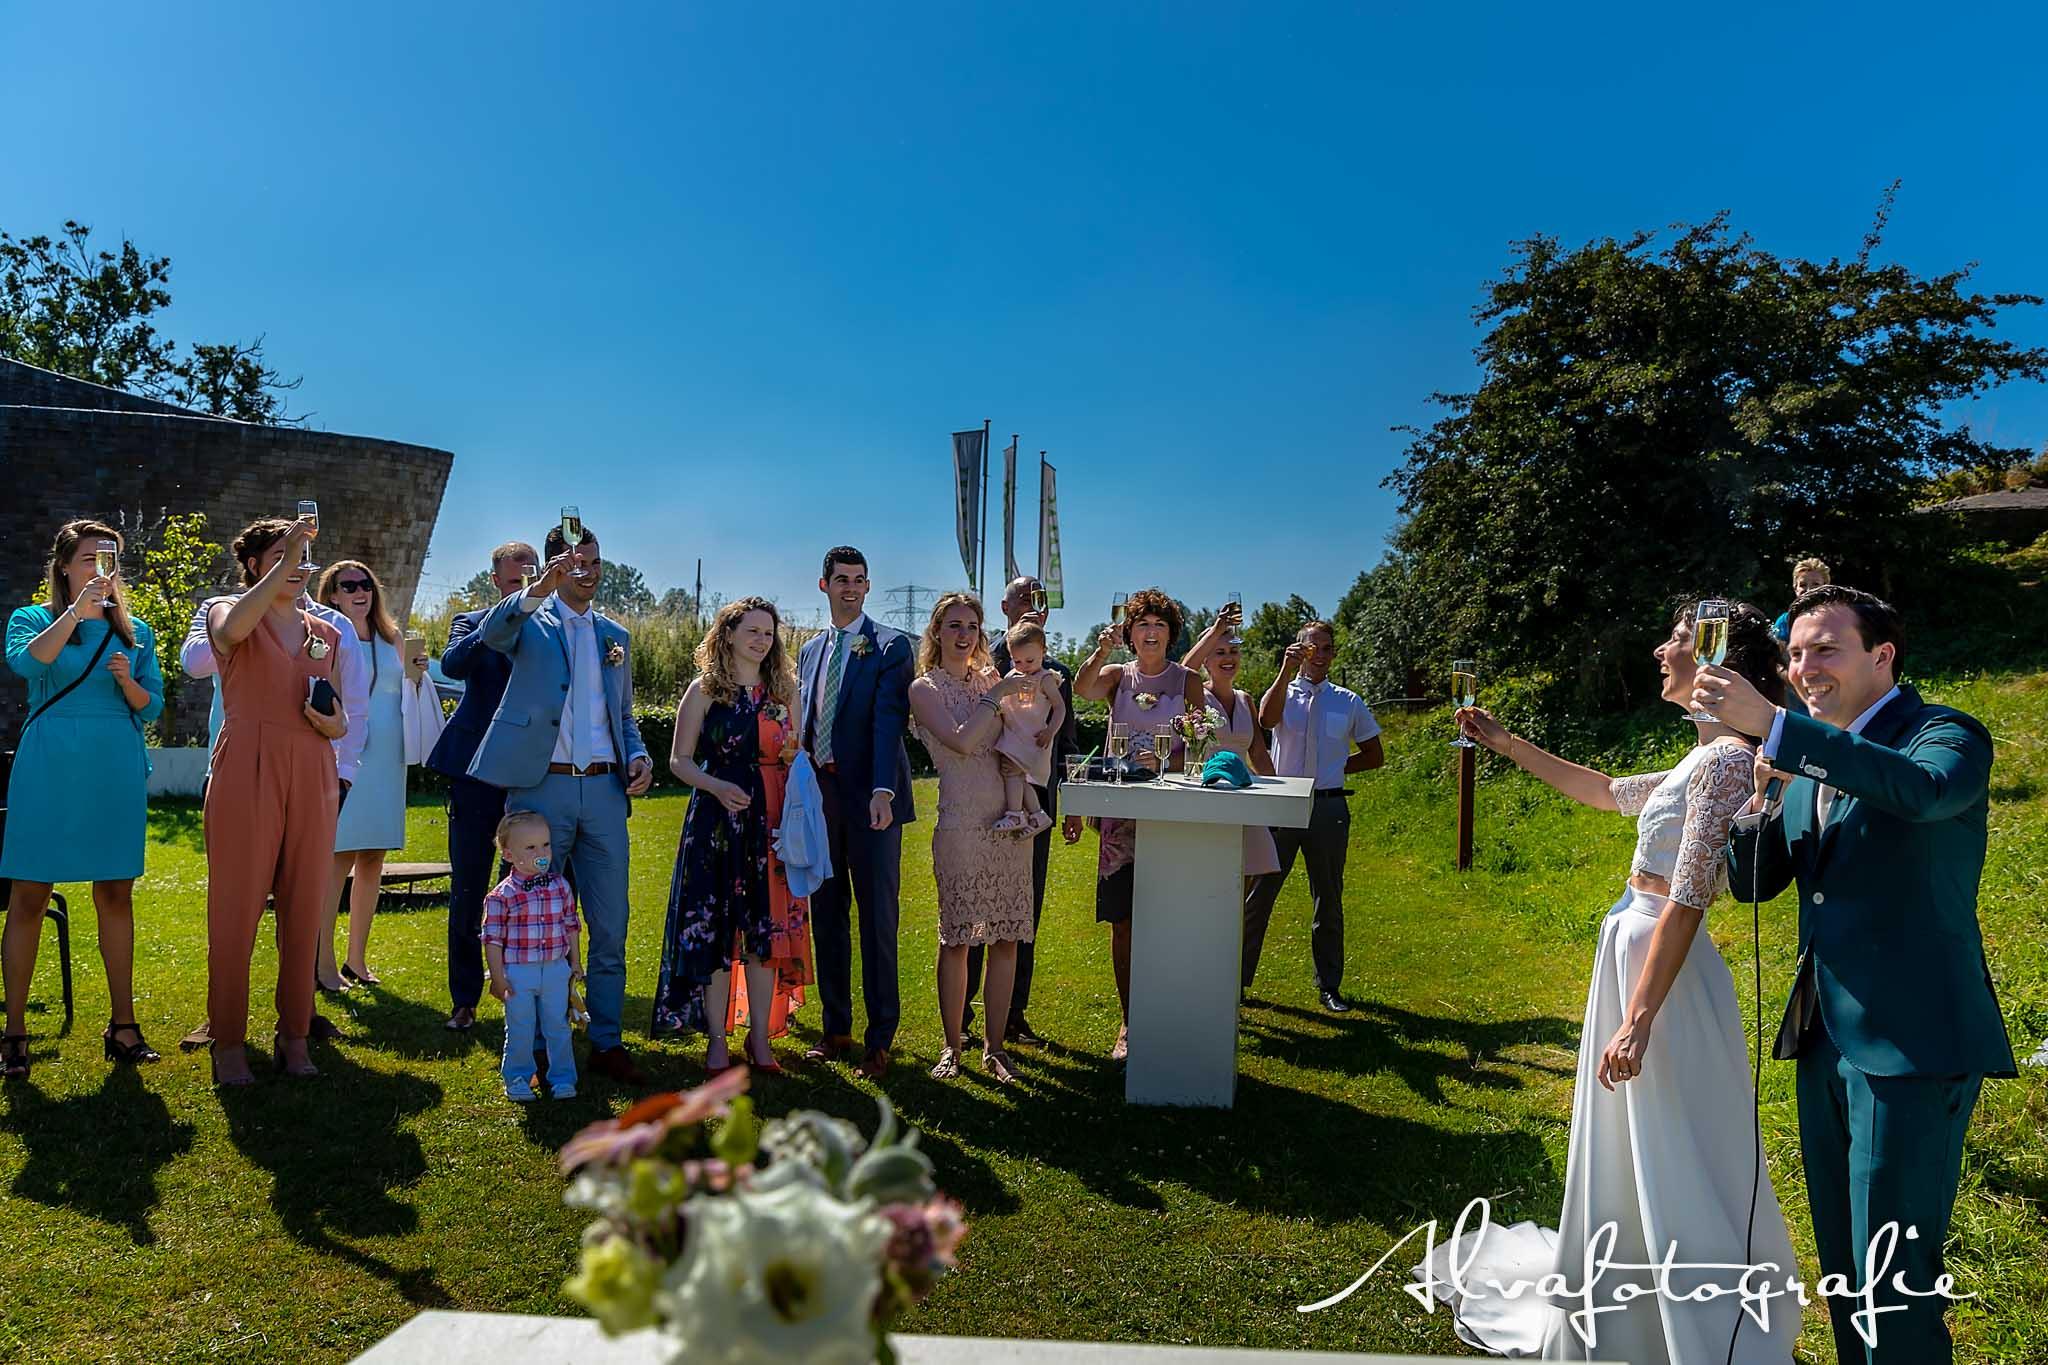 Bruiloft Maren en Tim Alvafotografie toosten